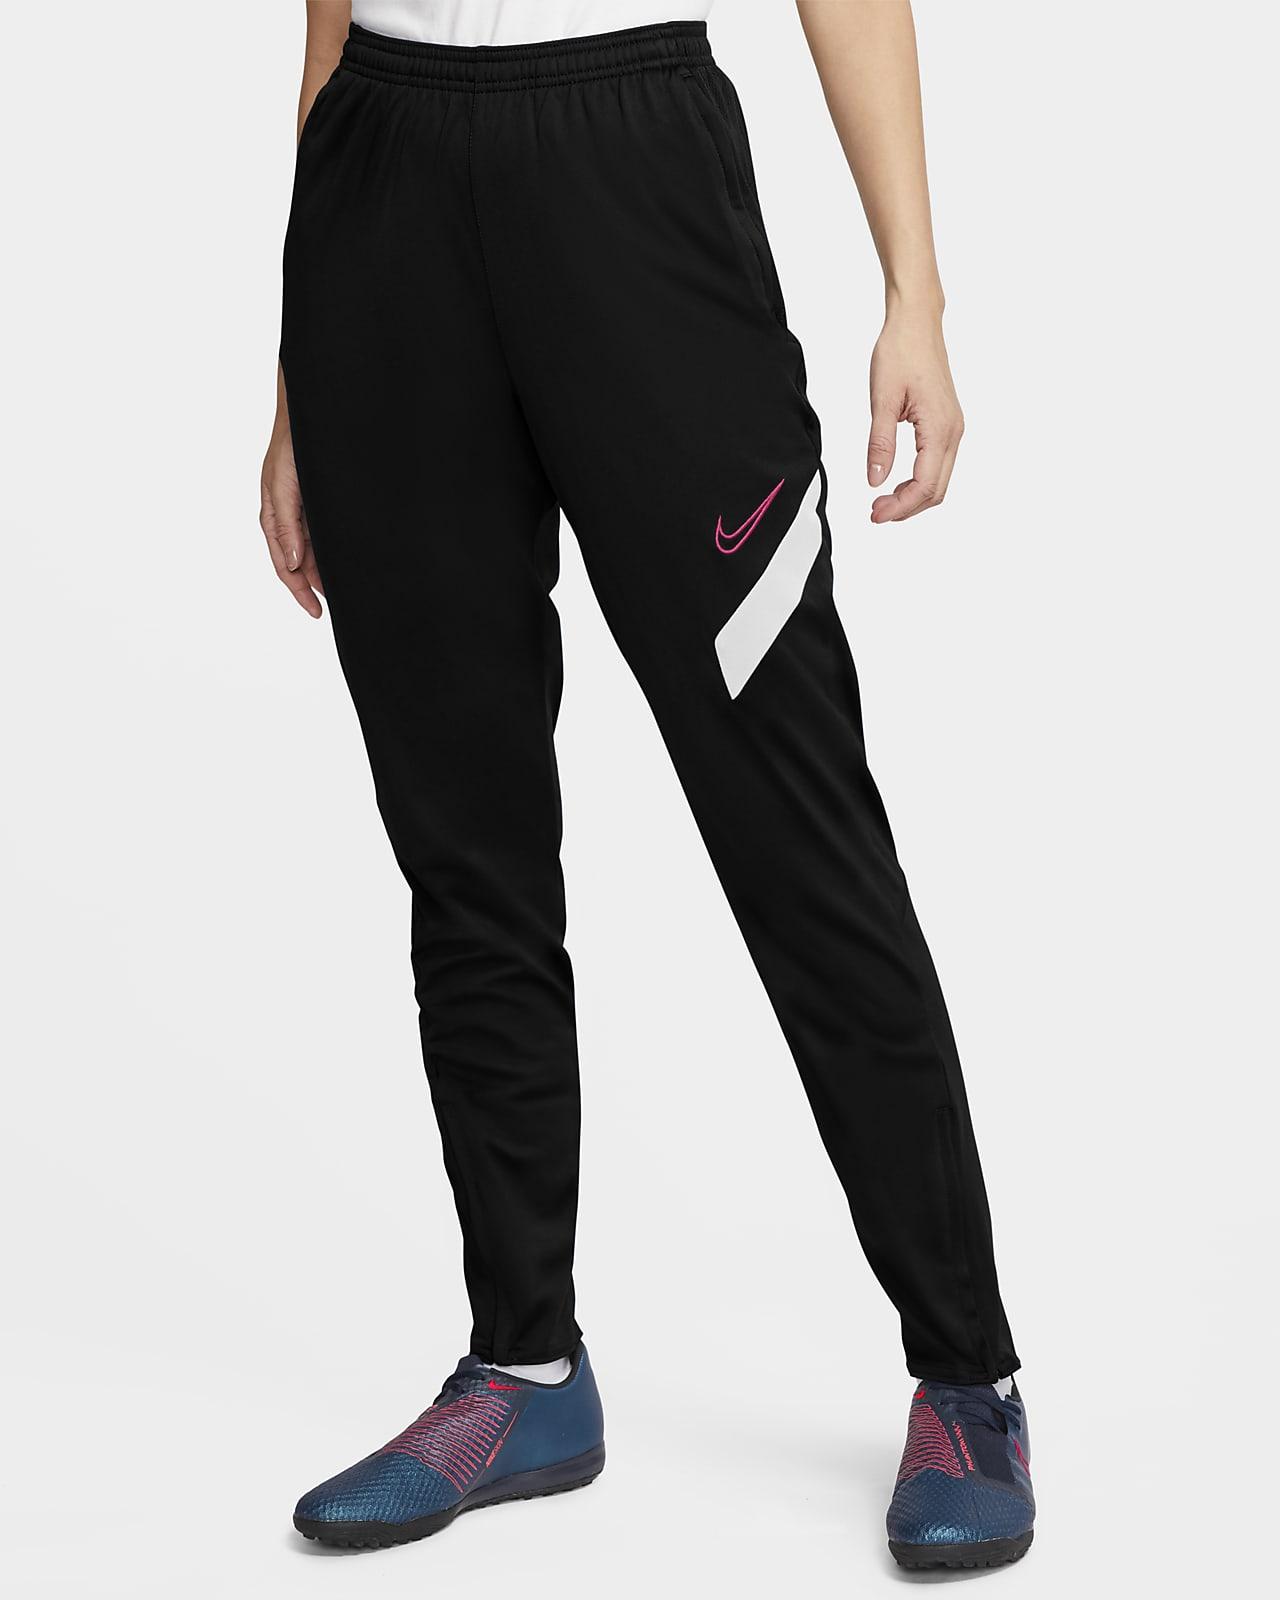 Pantalones de fútbol para mujer Nike Dri-FIT Academy Pro